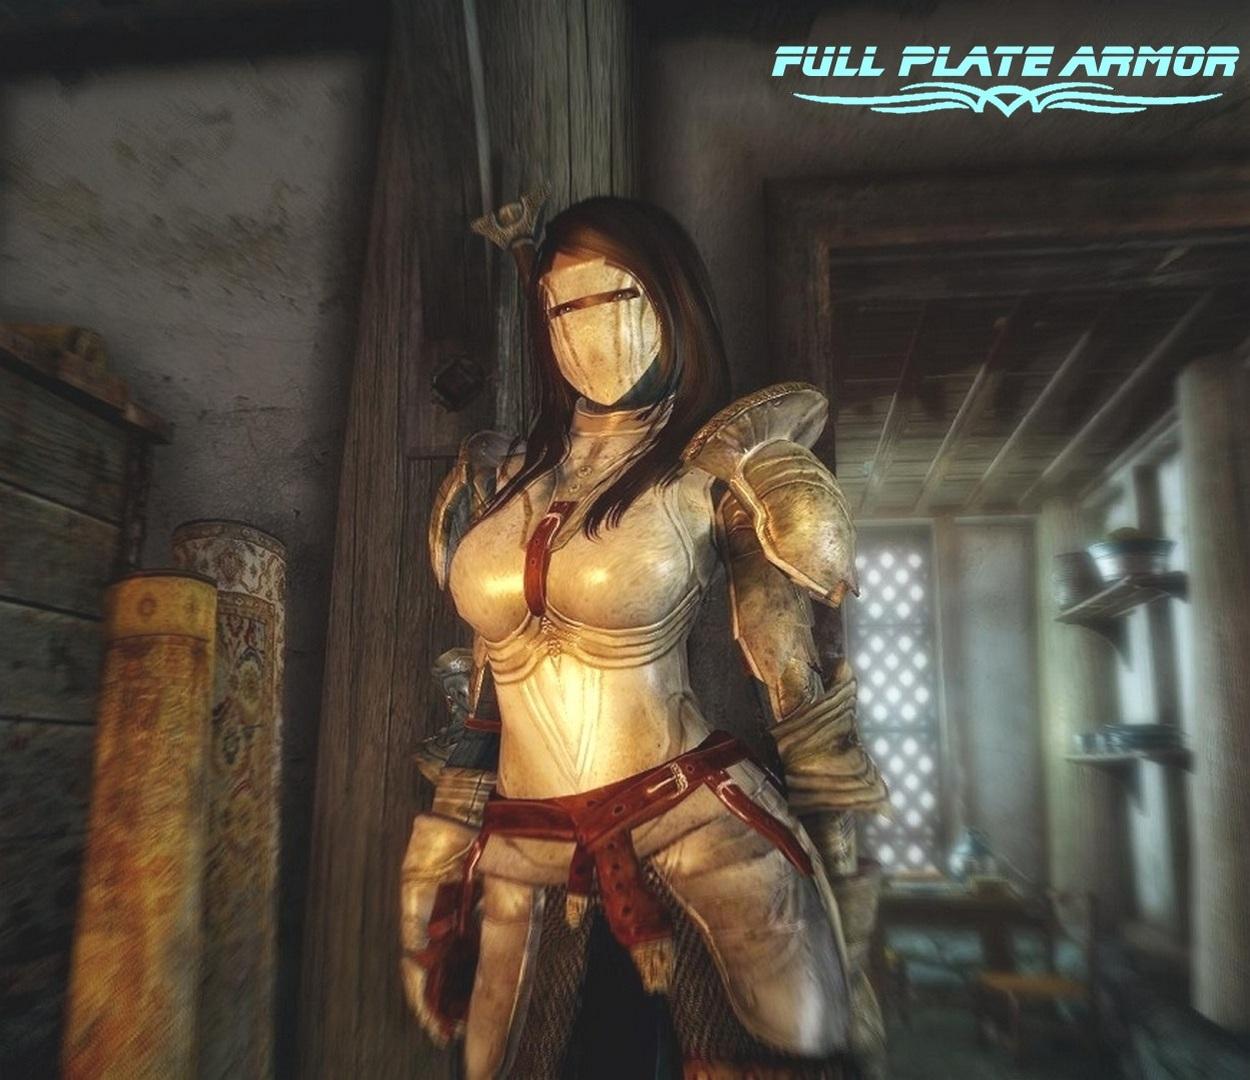 Full_Plate_Armor_from_Oblivion_CBBE_UNP.jpg